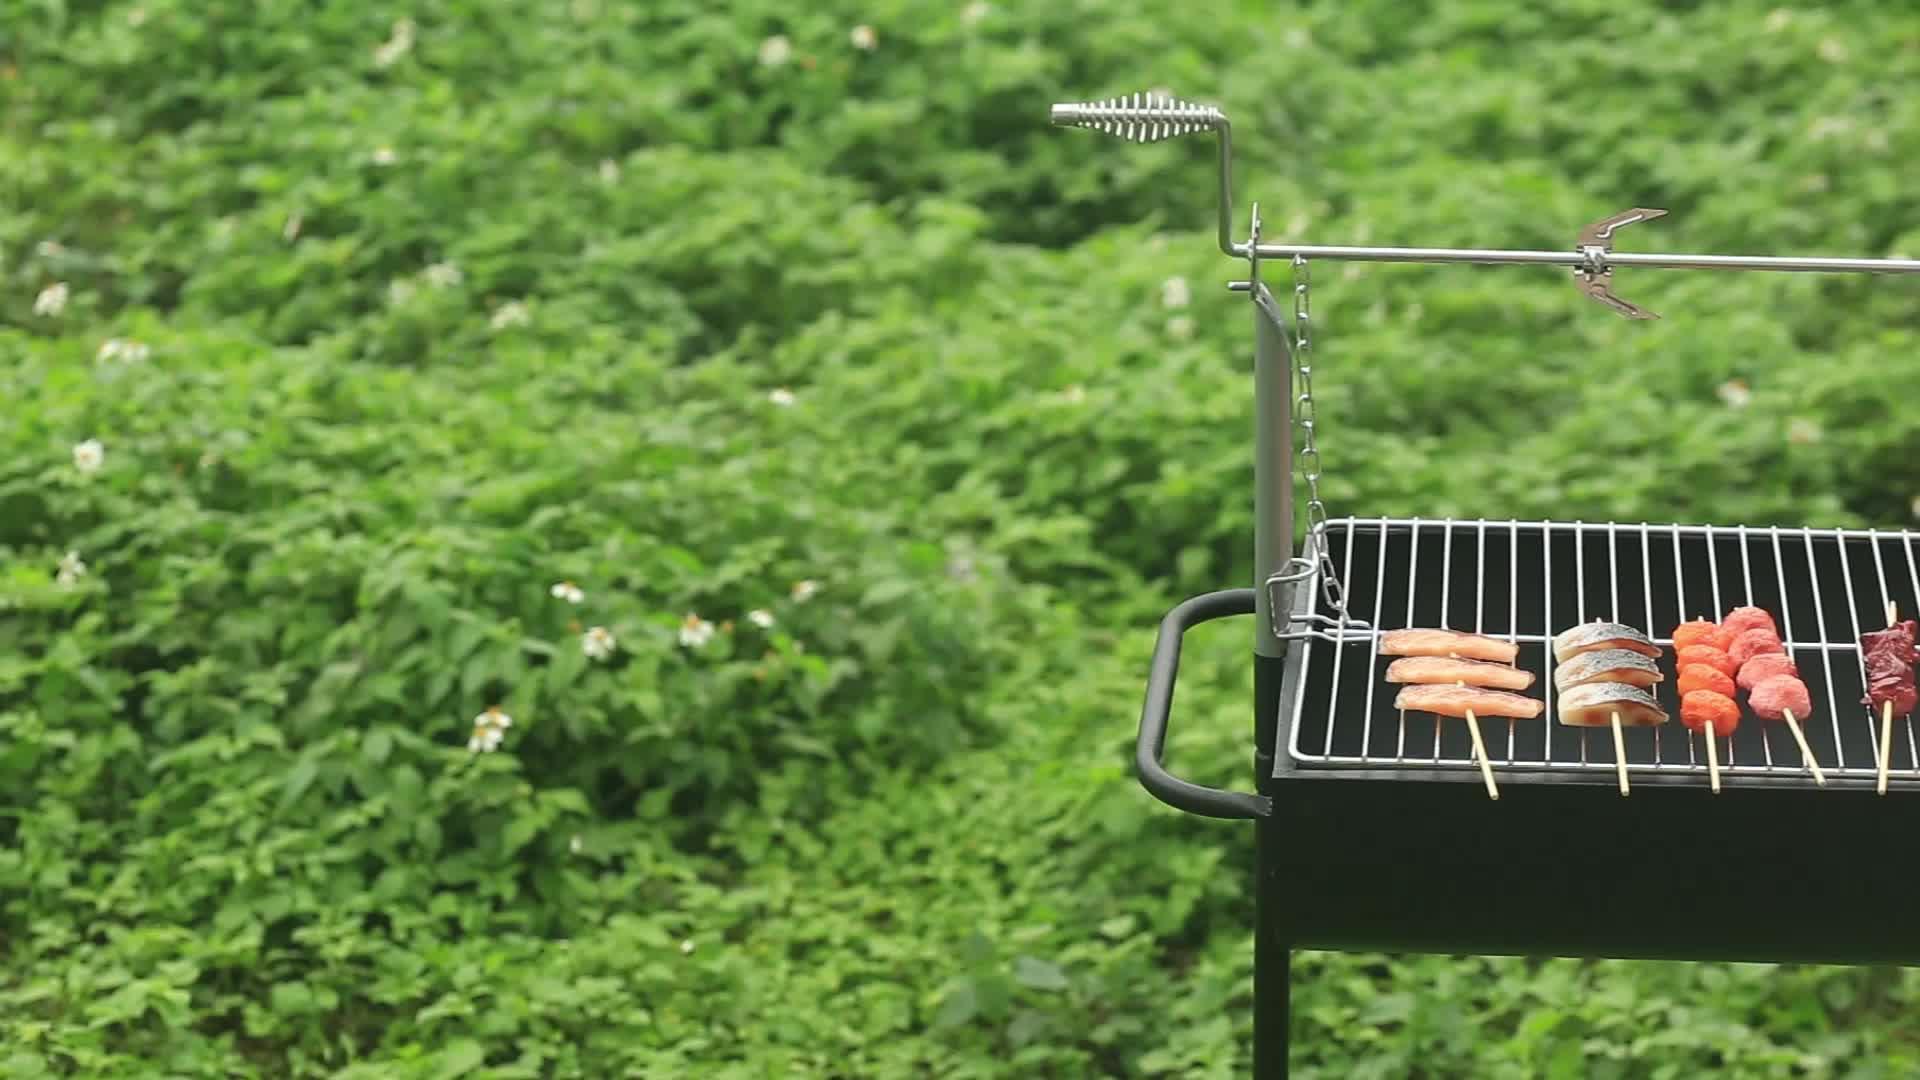 قابل للتعديل من السهل نظيفة في الهواء الطلق Babecue عربة تدوير شواية فحم لحفلات الشواء مع سيخ